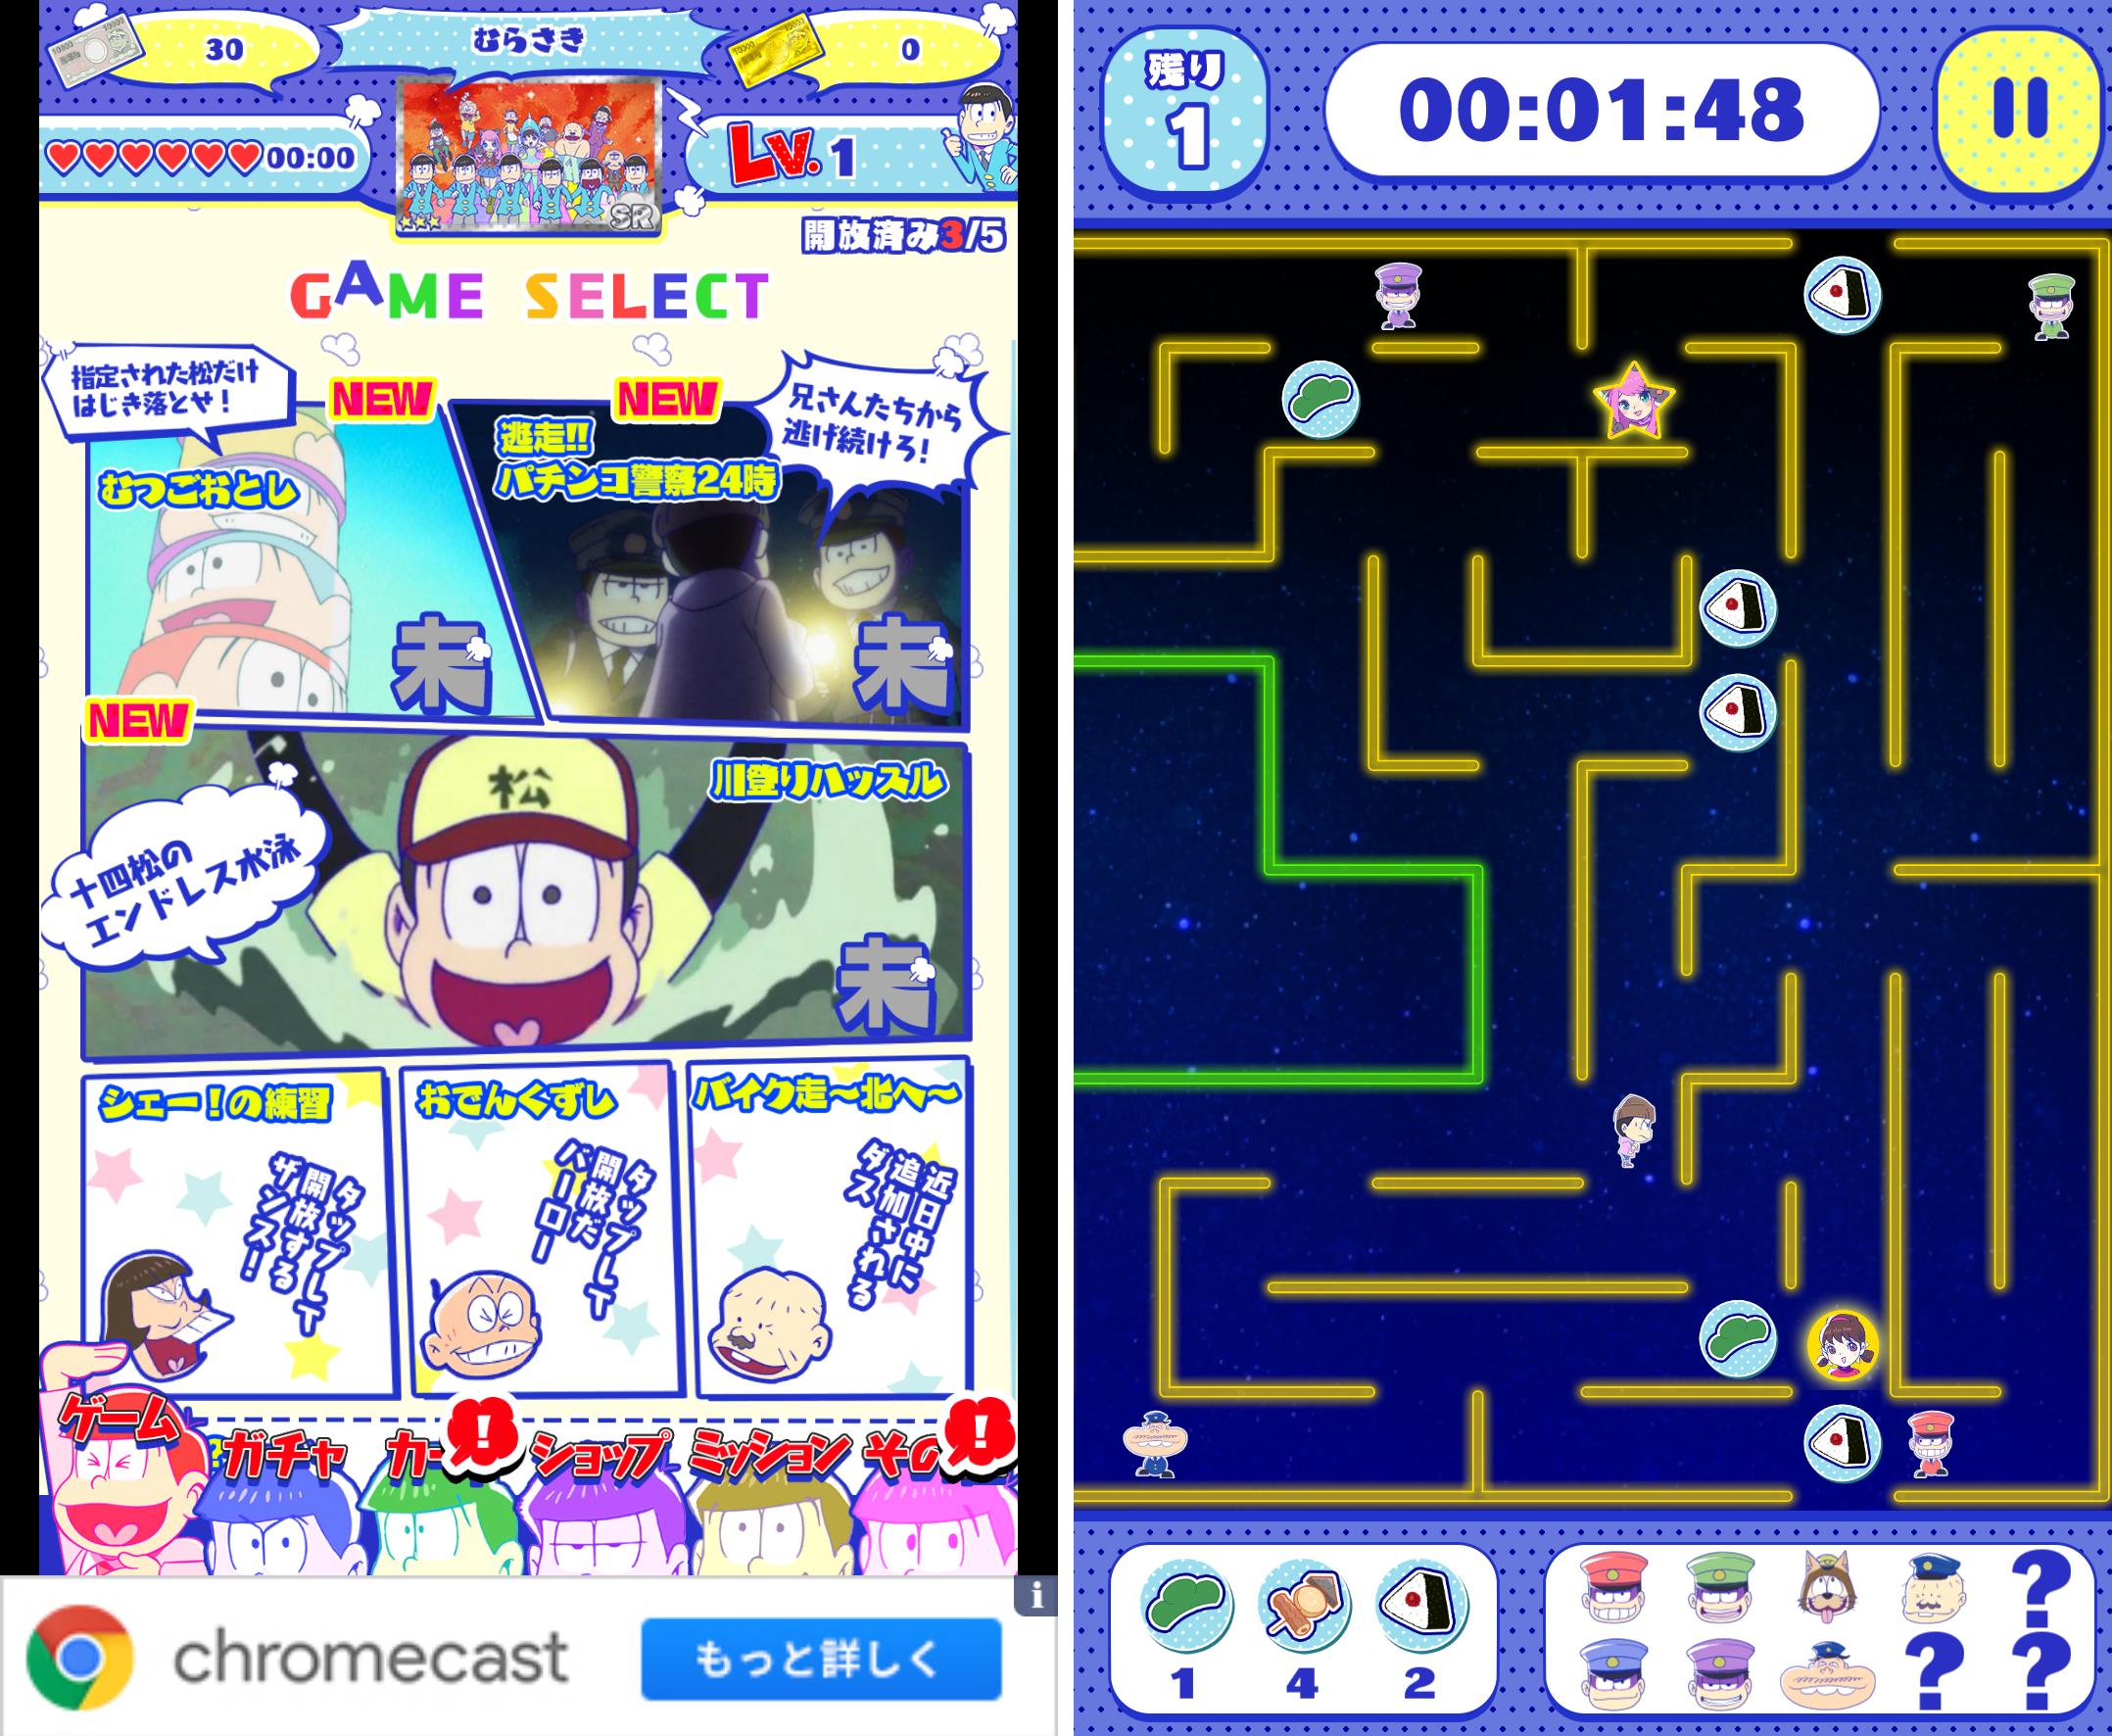 おそ松さん はちゃめちゃパーティー! androidアプリスクリーンショット1